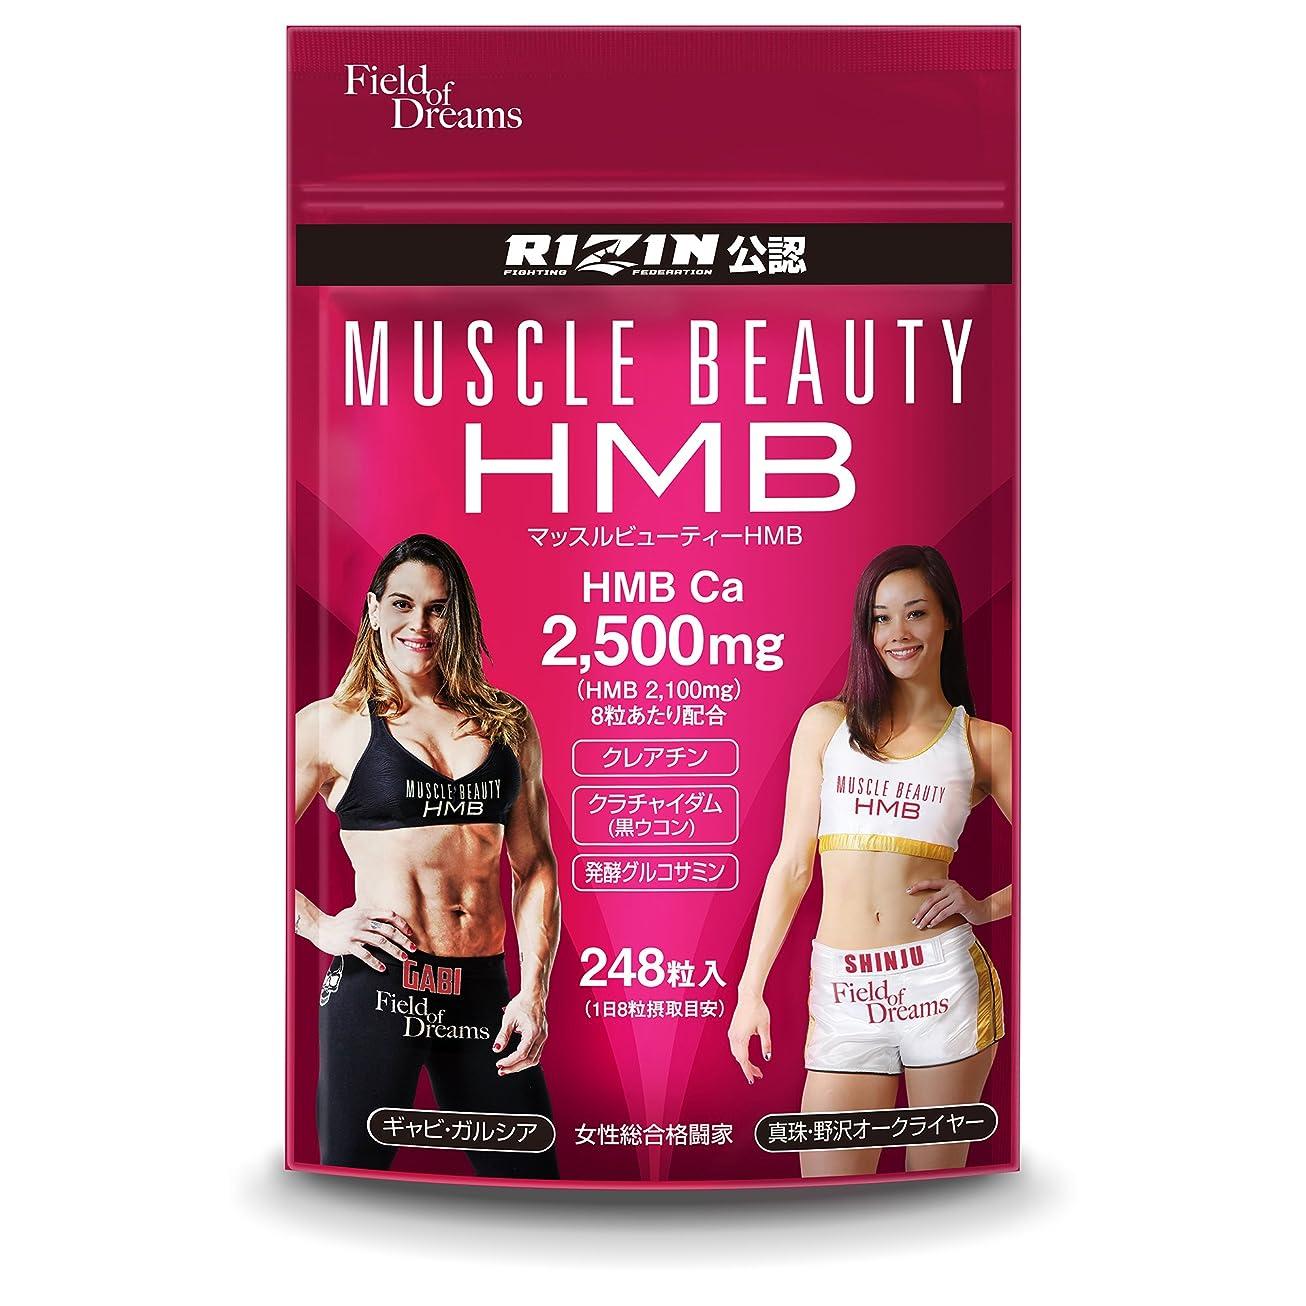 スラッシュ傾く開拓者【RIZIN公認サプリメント】Muscle Beauty HMB 248粒 国産原料?国内GMP認定工場生産【1粒驚異のHMBCa 312mg】